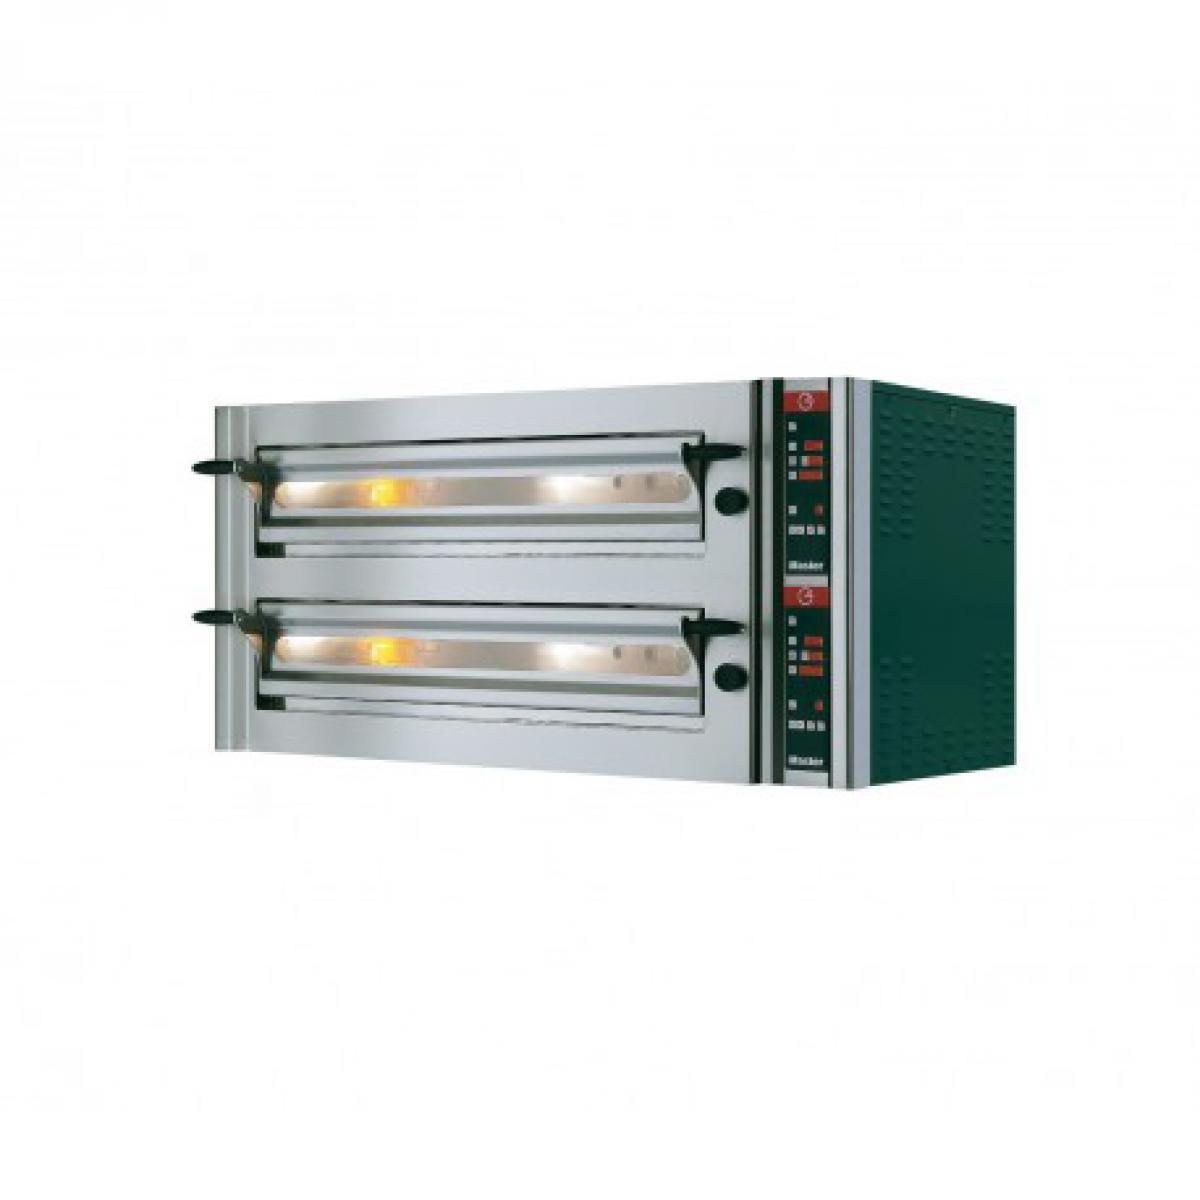 Yarrah Four à pizza double électrique professionnel pour pizzeria - Master 14,64 kW - Pizzagroup -